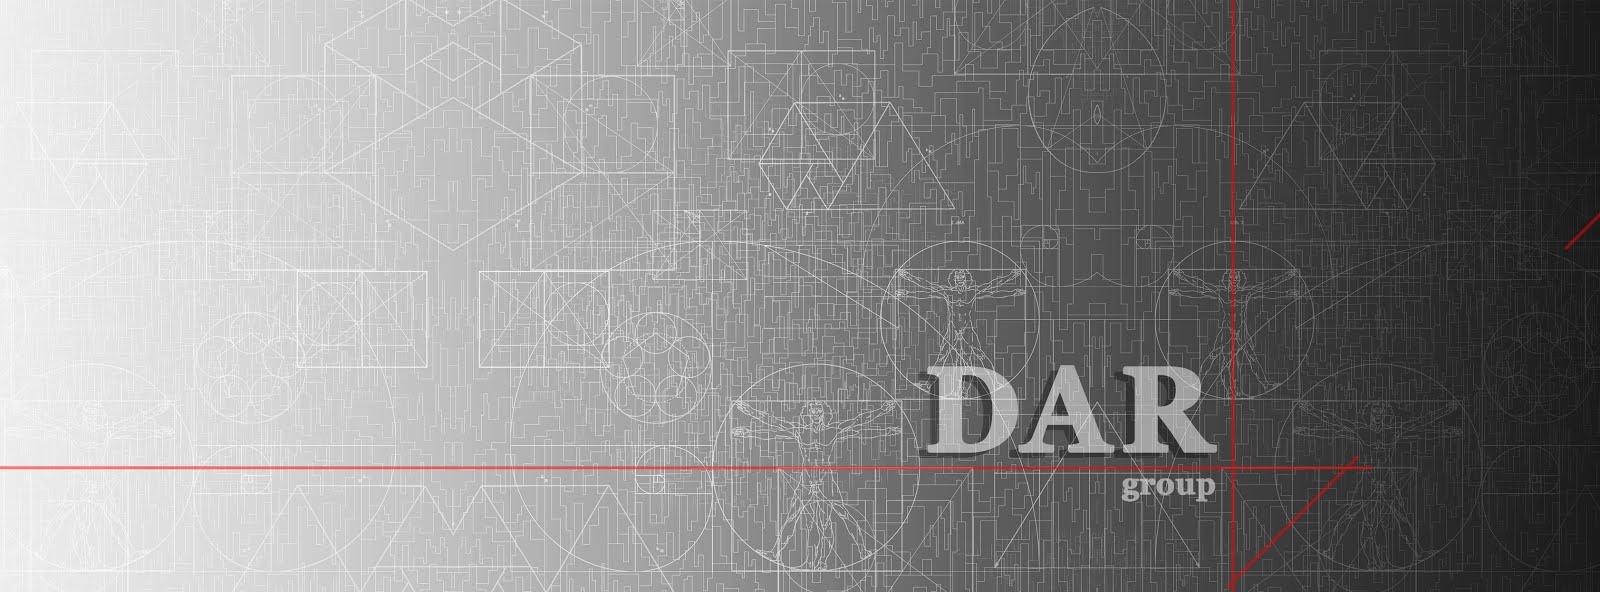 Блог Портфоліо Архітектор - Дизайнера Arcitectos Diseño Obras y Reformas